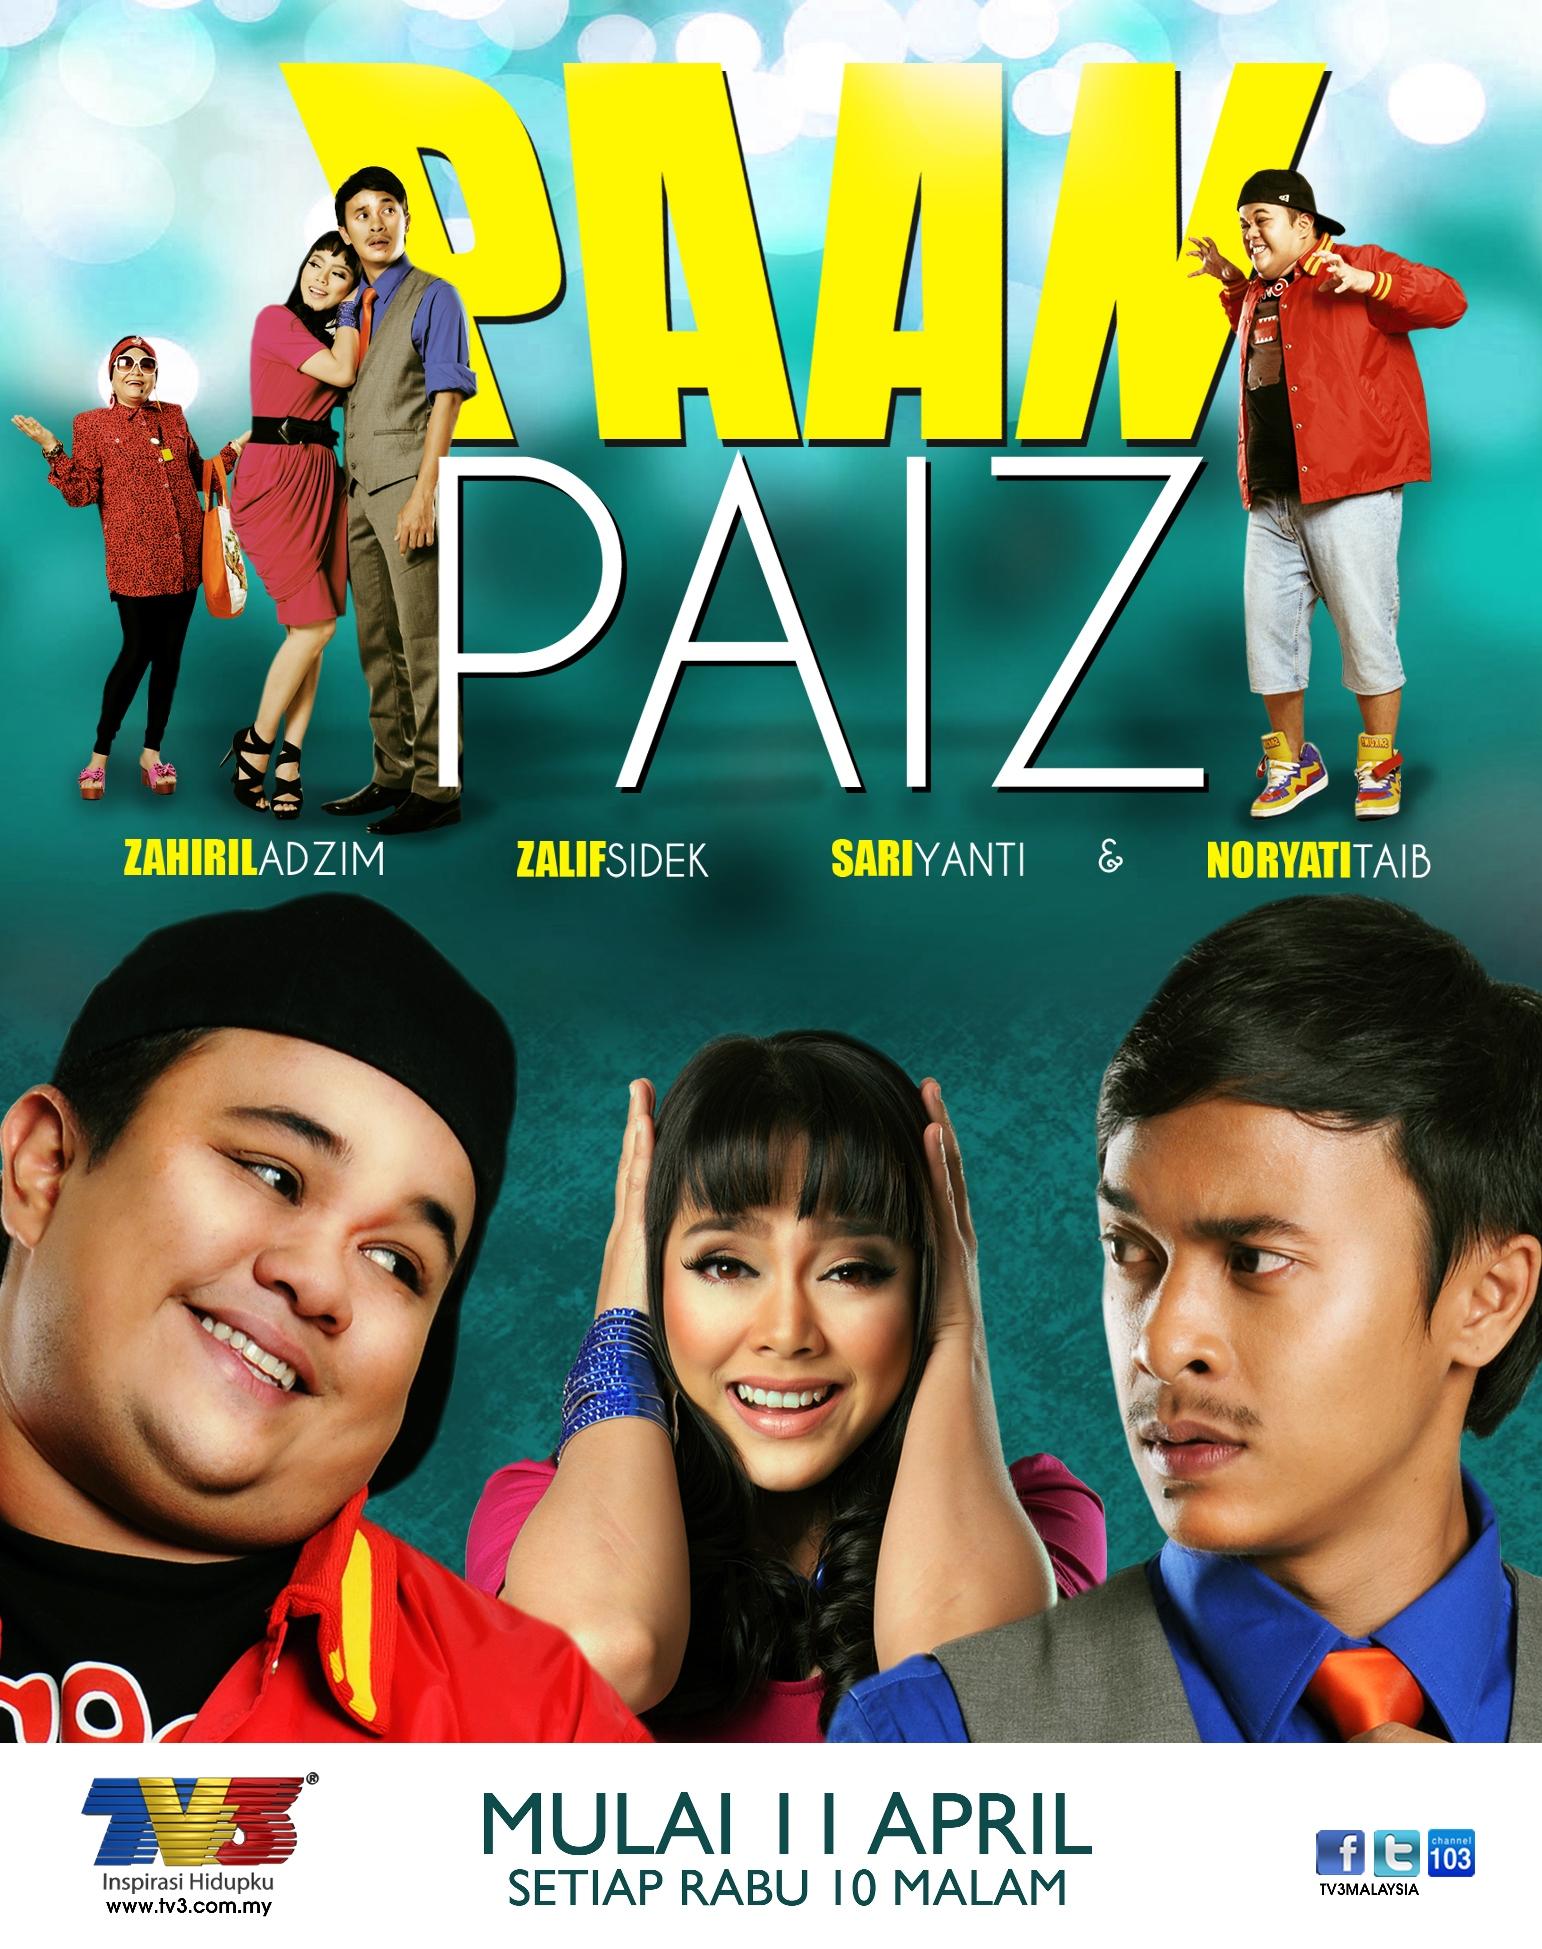 Paan Paiz